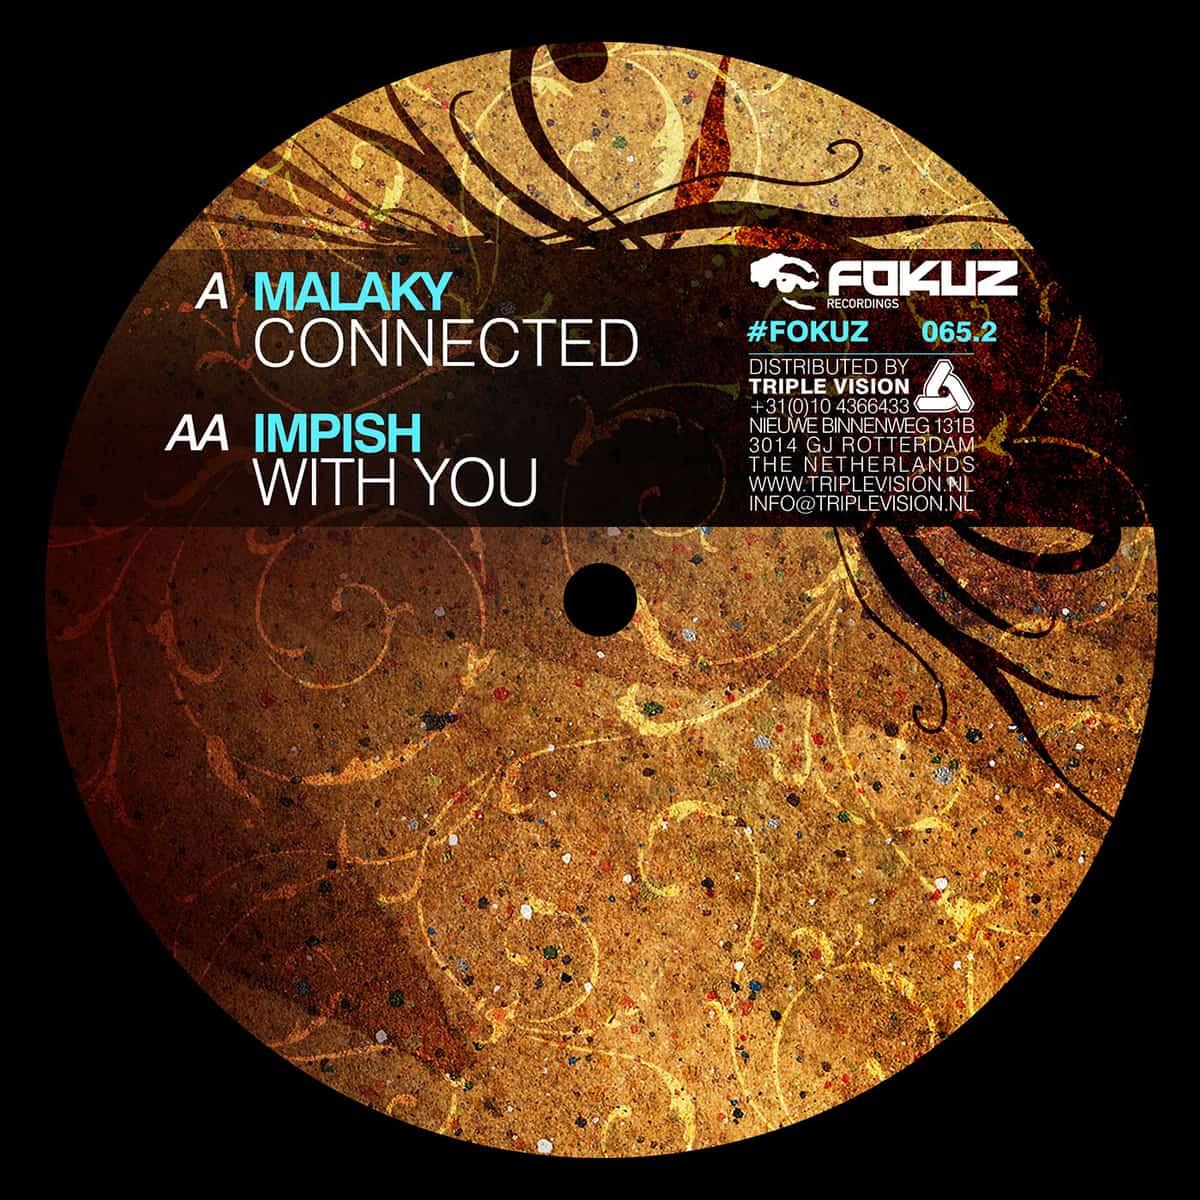 FOKUZ-065-2-Vinyl-B-FOR-WEB